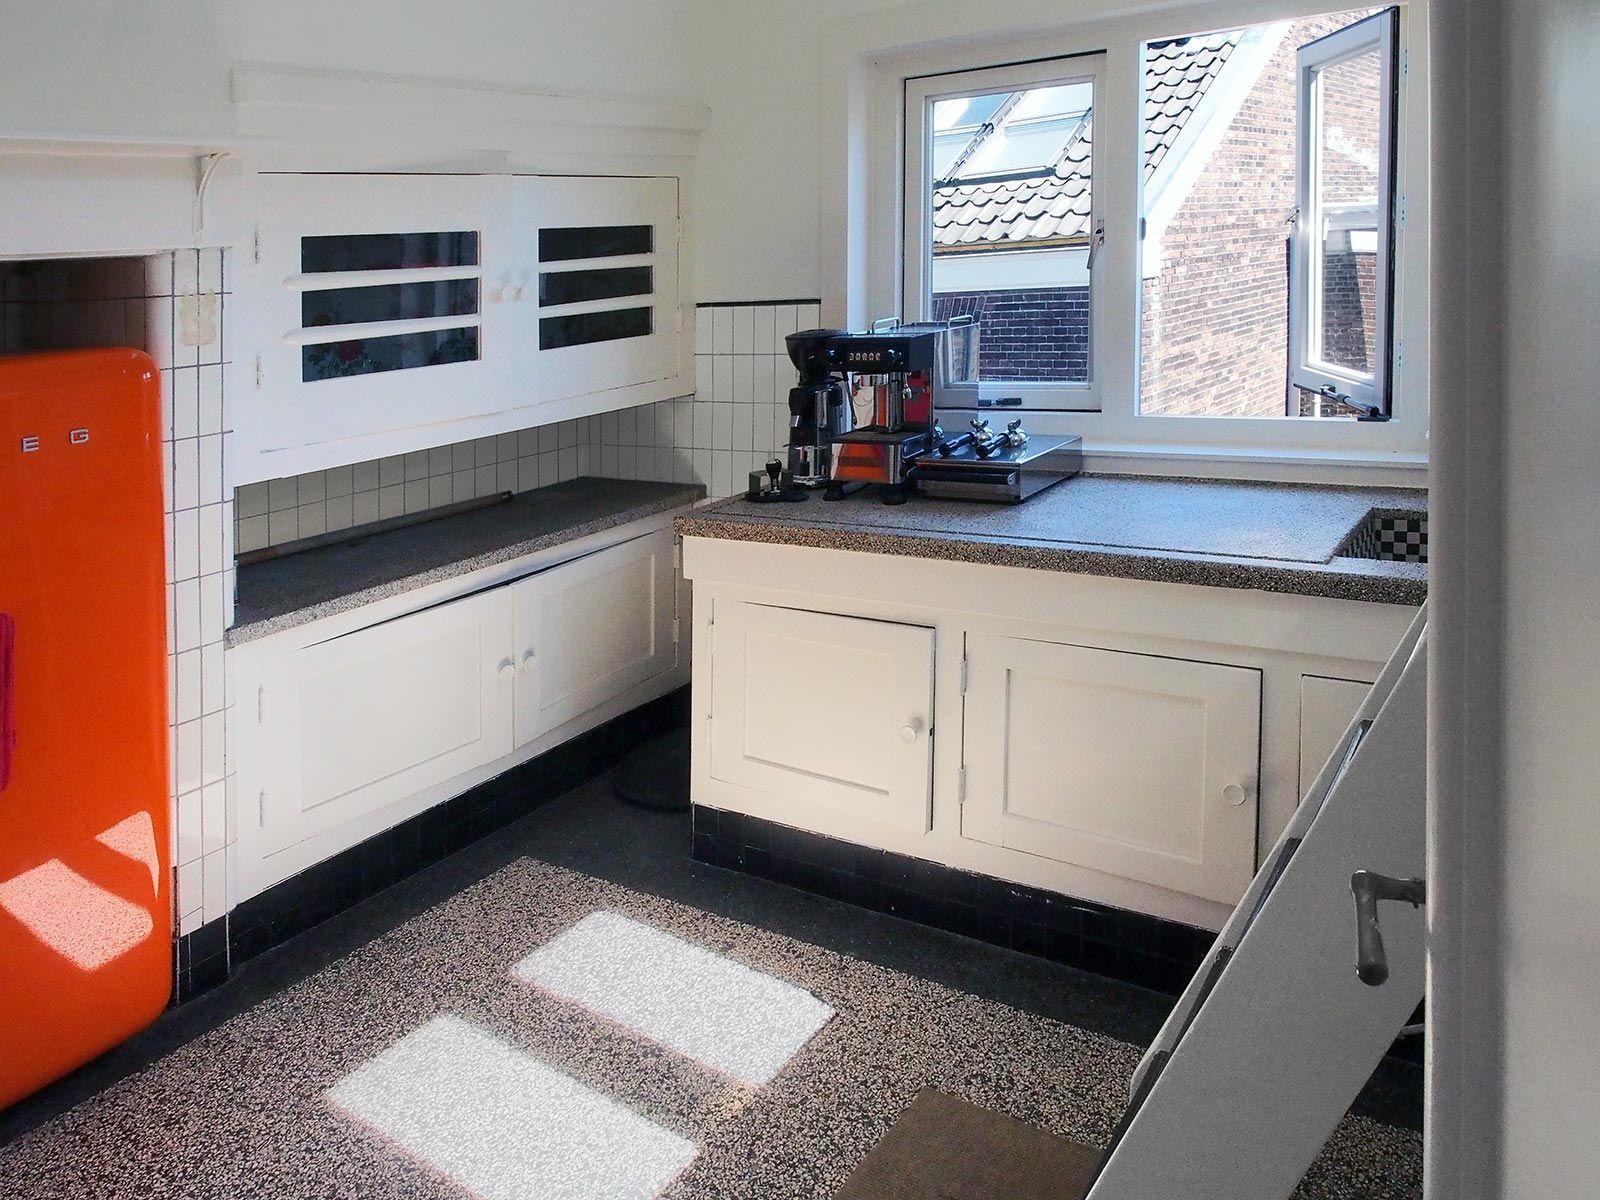 keuken tegels den haag : Keuken Van De Conci Rge Arjan Den Boer Mozaiek Com Jaren 20